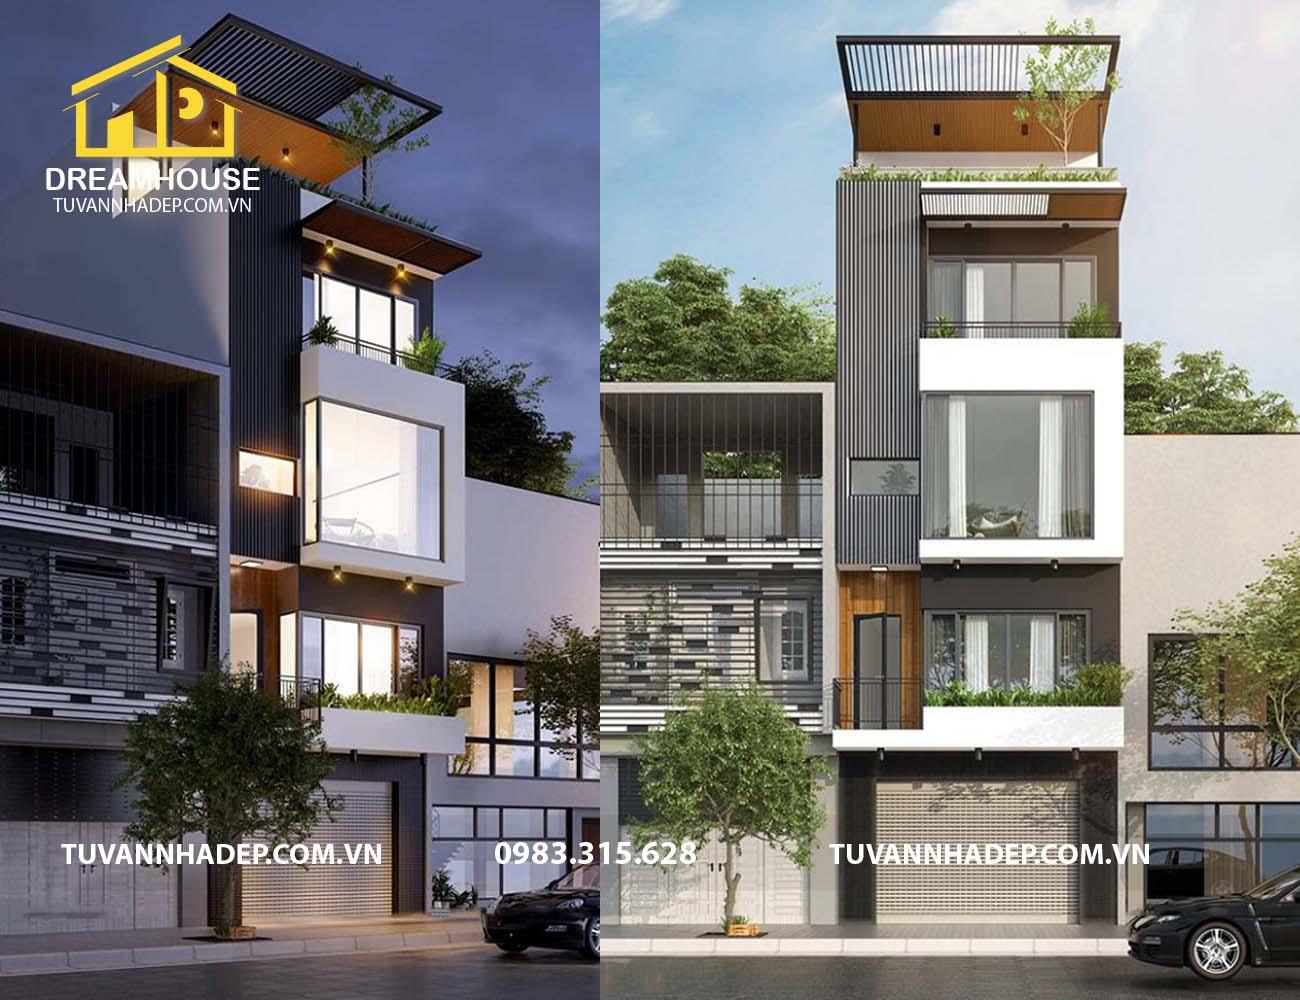 Mẫu nhà phố 4 tầng 50m2 ở Hà Đông độc đáo và mới lạ kết hợp với kinh doanh